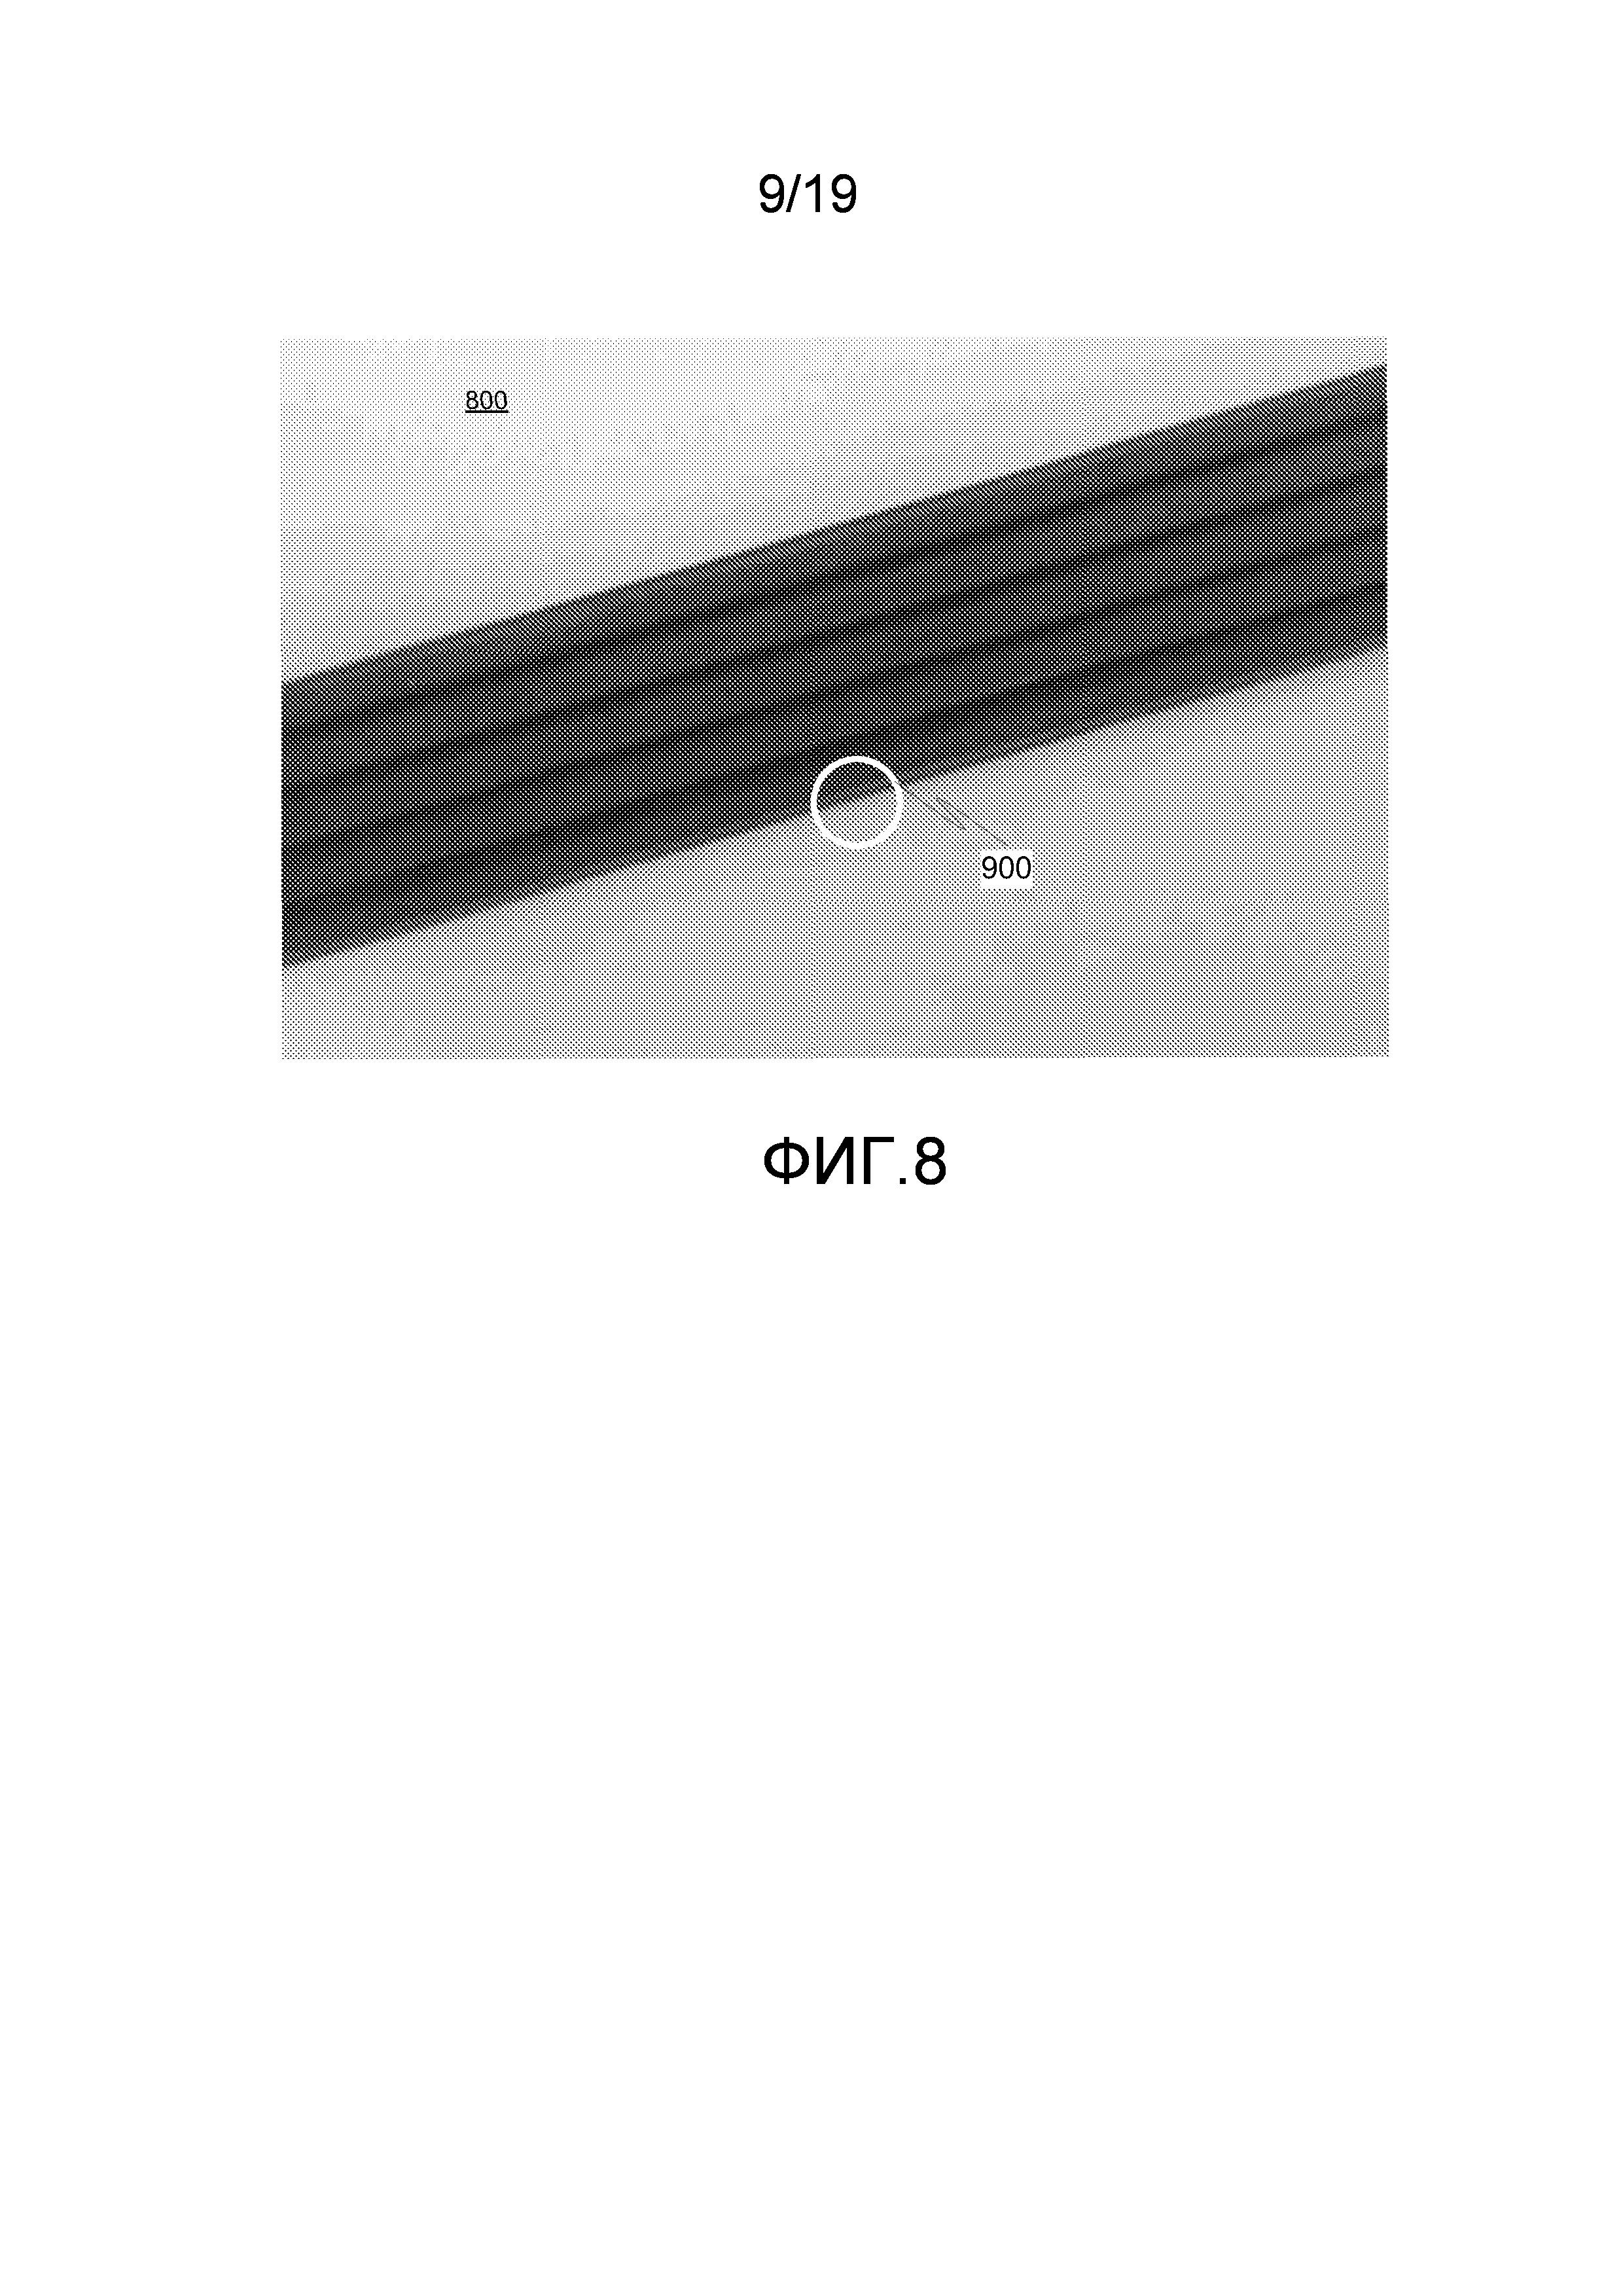 Расширенный анализ для основанной на изображении оценки износа поликлинового ремня